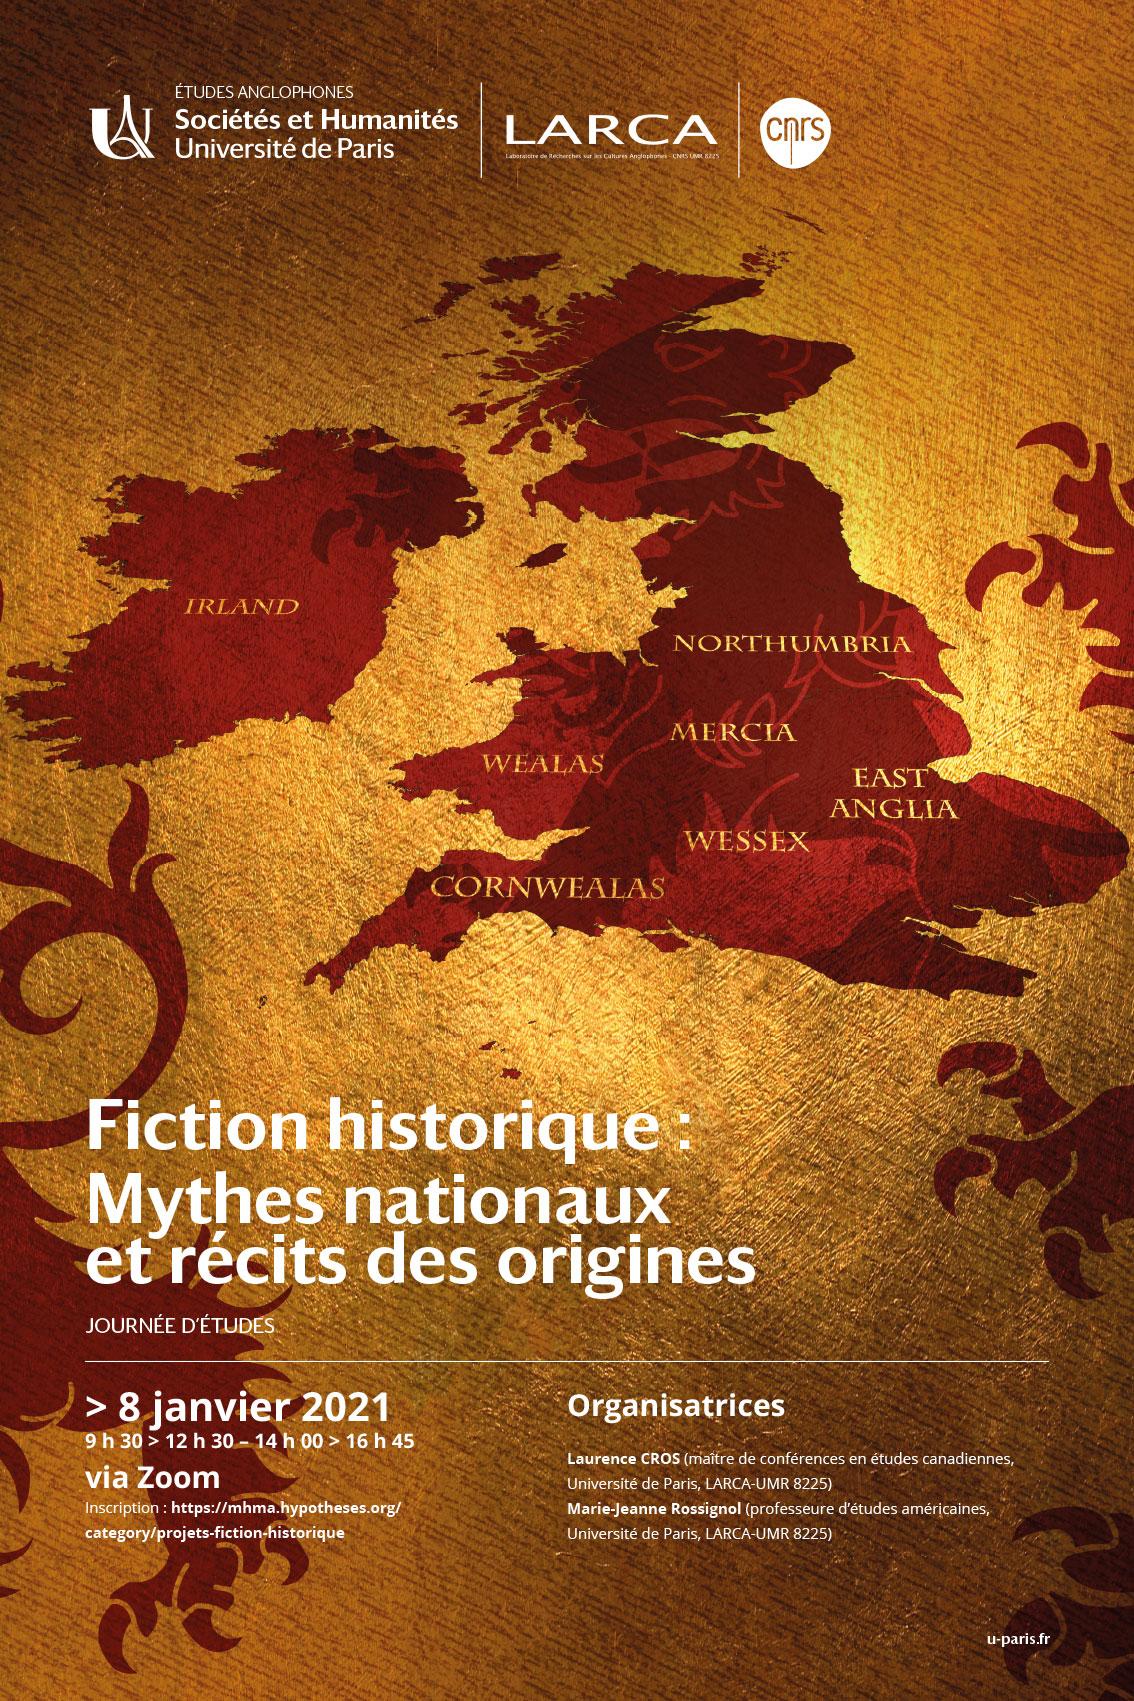 Dessin original et mise en page Dominique Razafindrazaka-Riem © Université de Paris